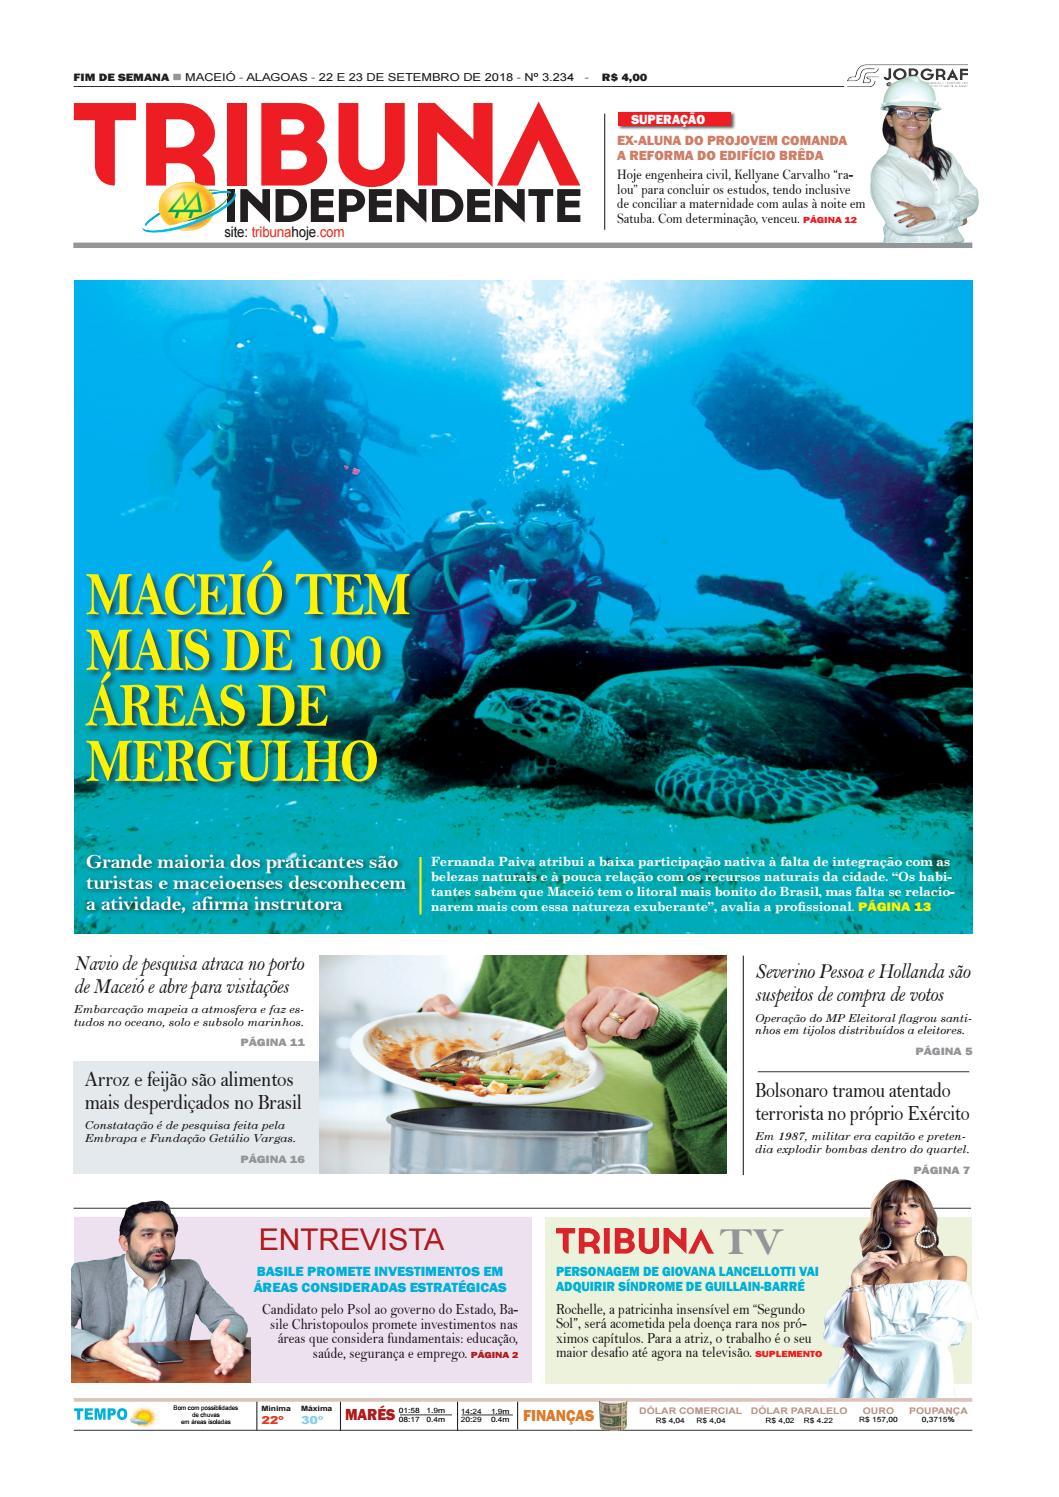 Edição número 3234 - 22 e 23 de setembro de 2018 by Tribuna Hoje - issuu 138fe84be5e